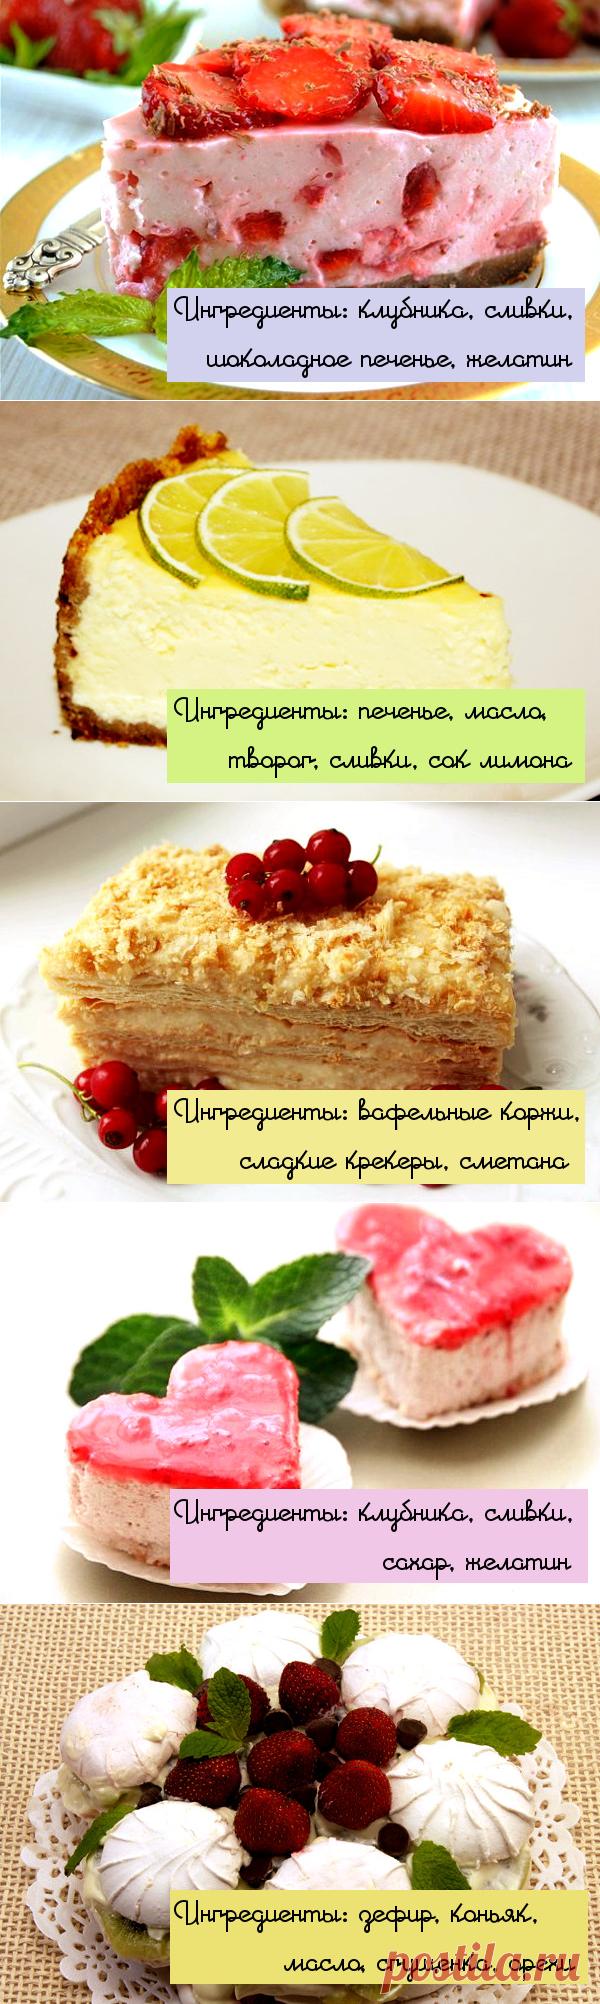 Пирожные и торты без духовки.